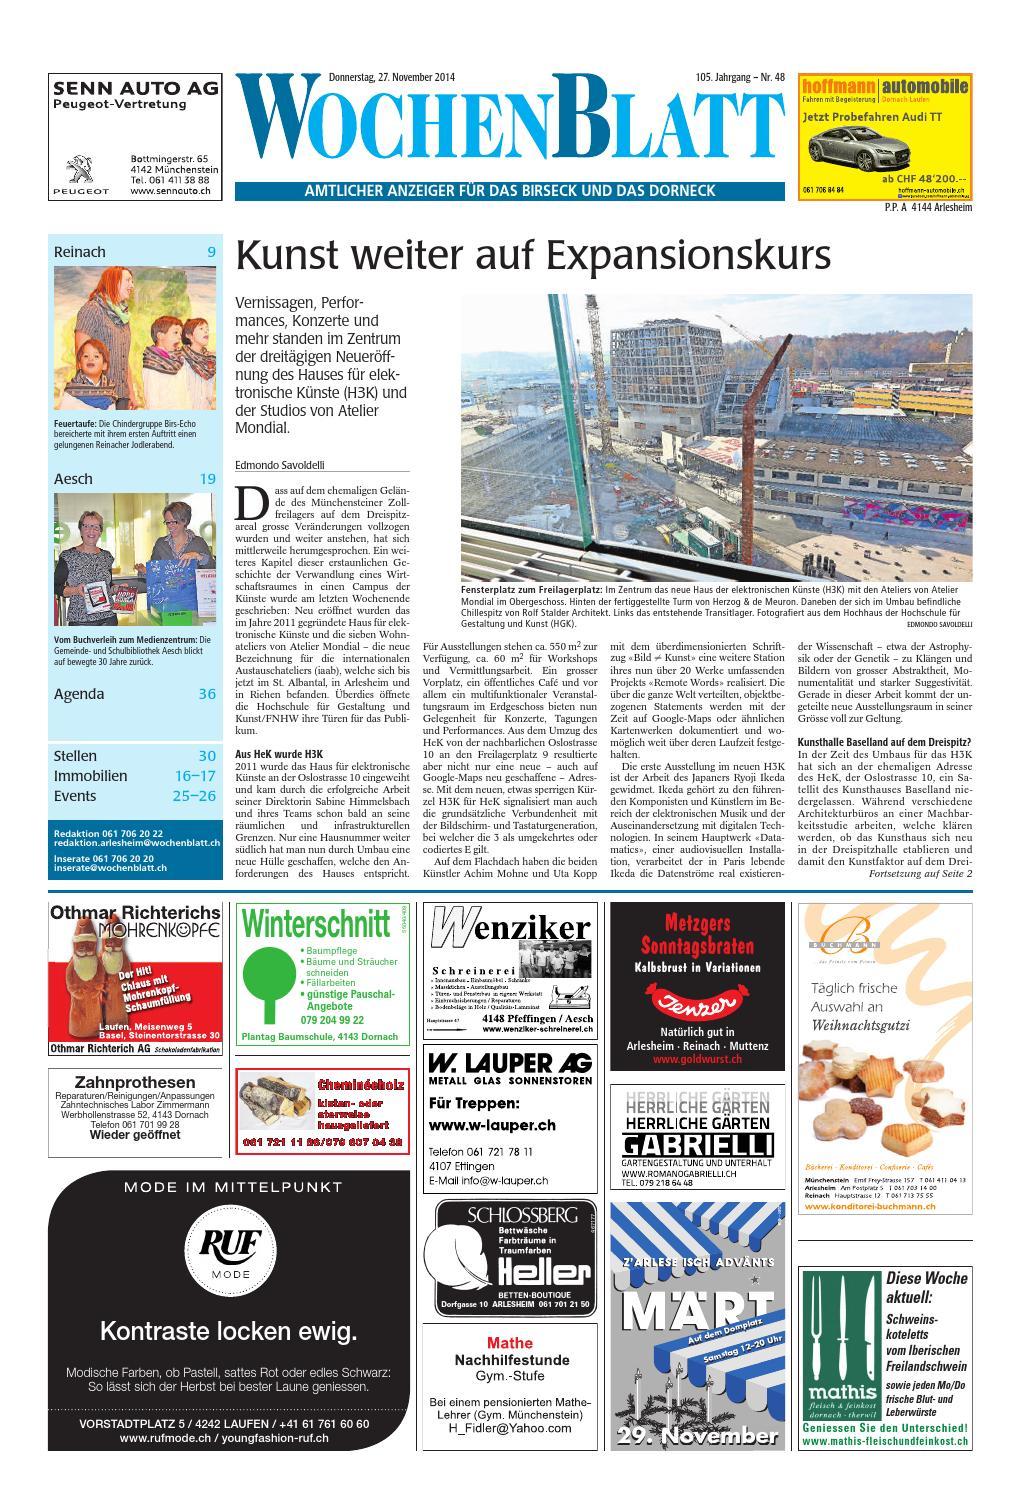 Dominikushaus sucht nach neuem Standort - Riehener Zeitung